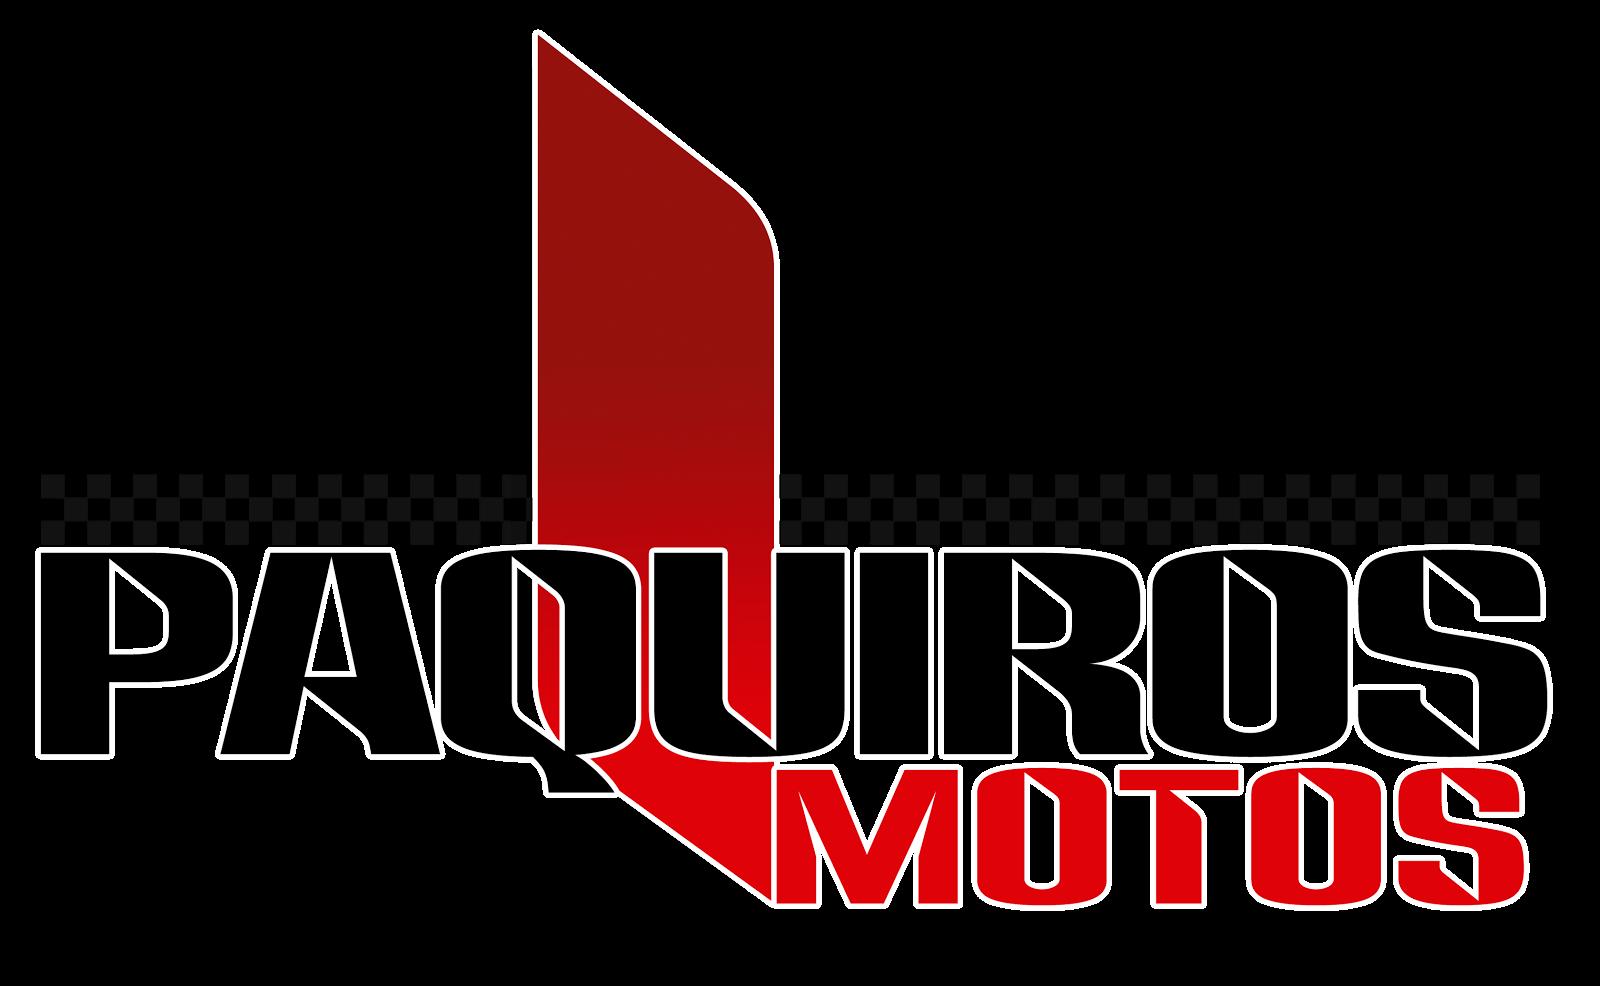 PAQUIROS MOTOS